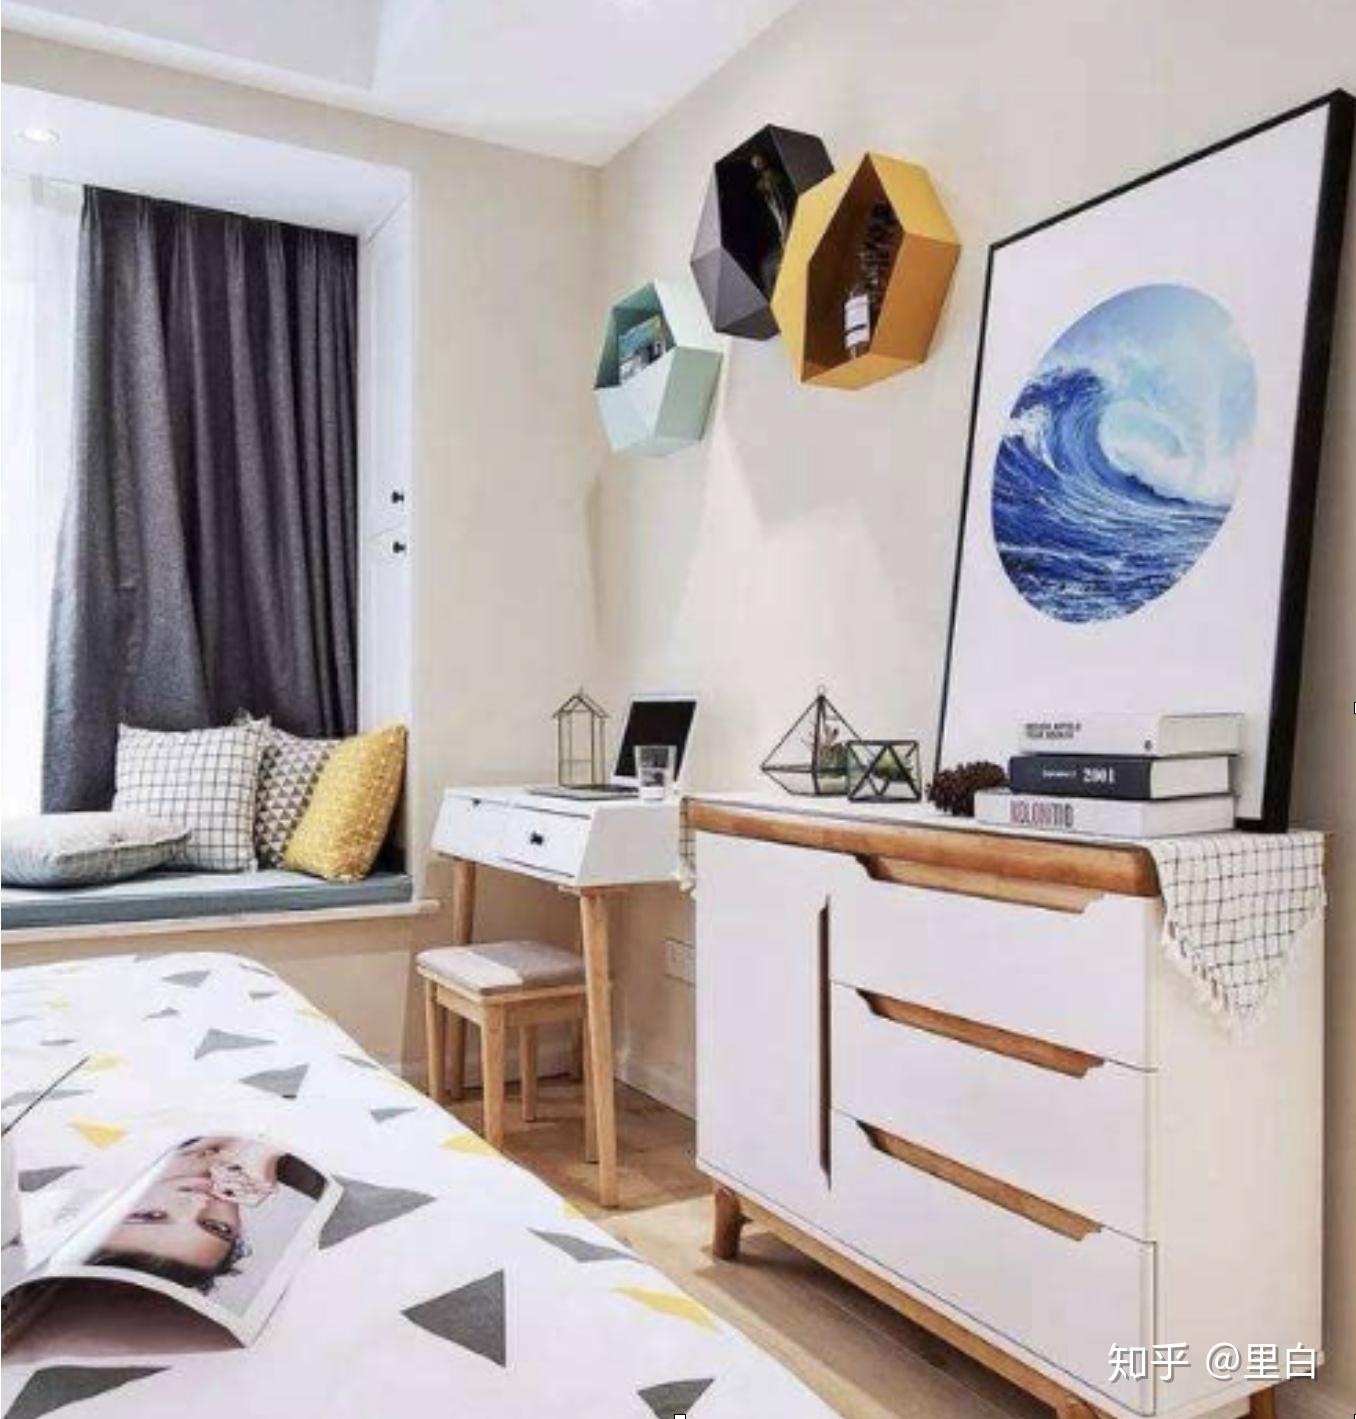 卧室墙上置物架_面积小的卧室怎么装修和布置比较好? - 知乎